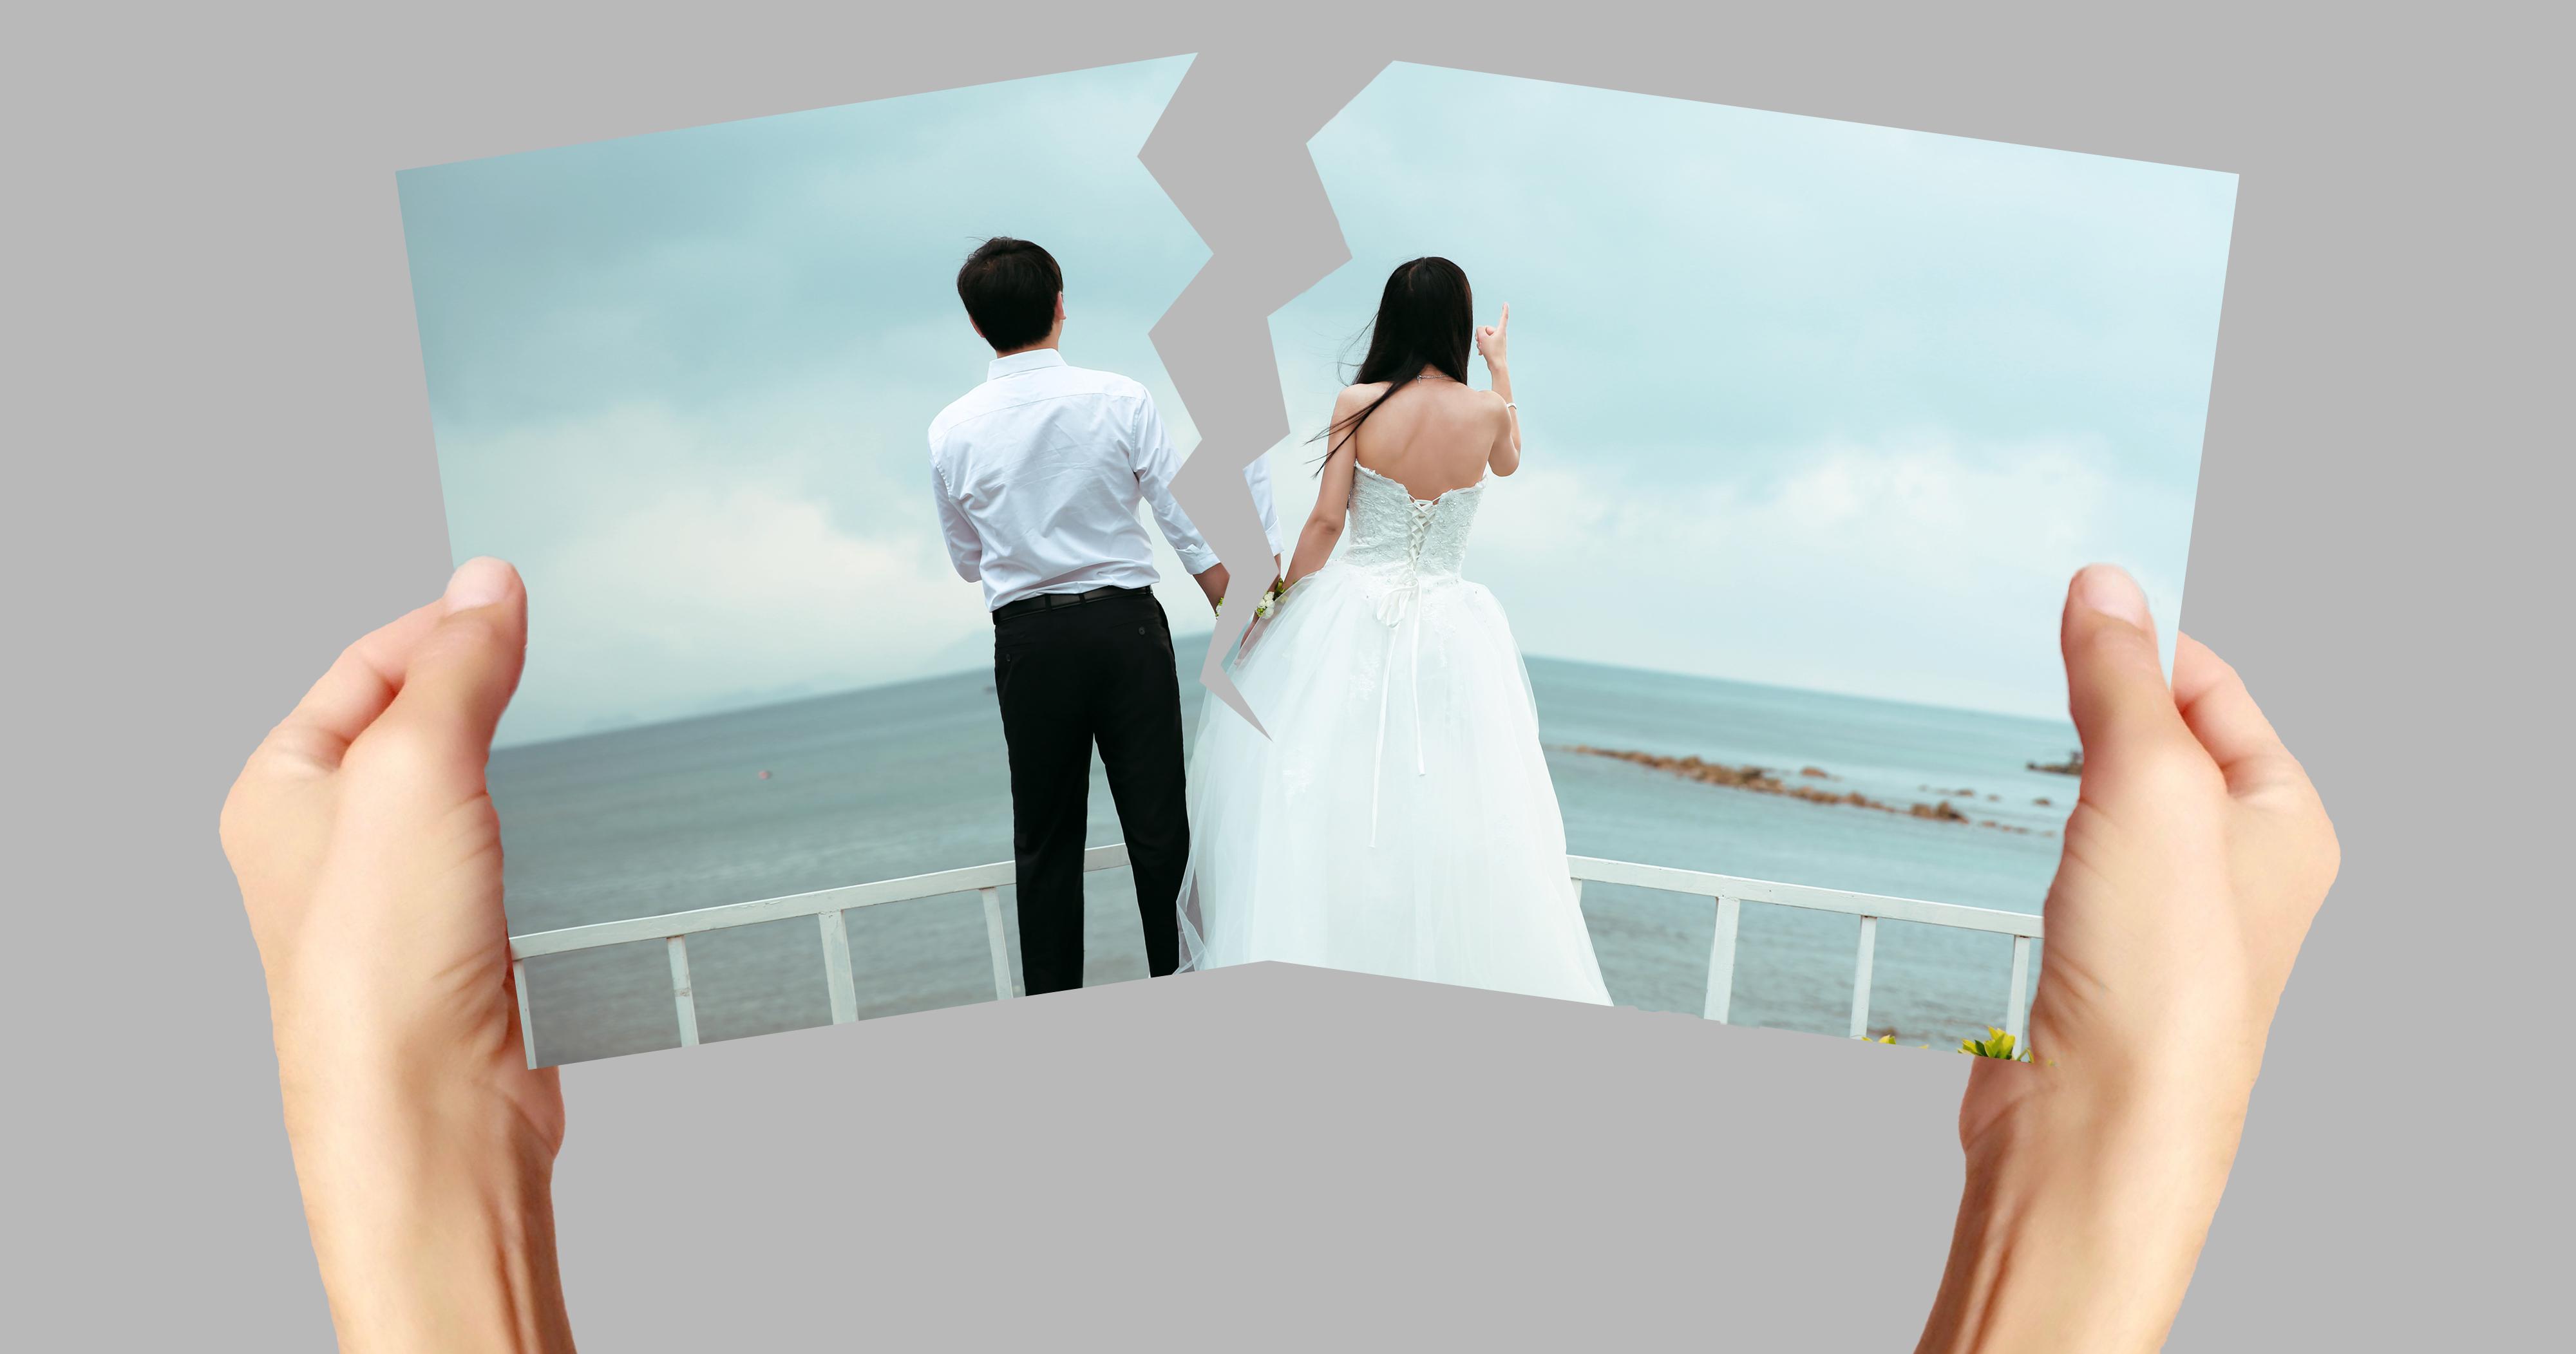 老公出轨离婚需要提供什么证据